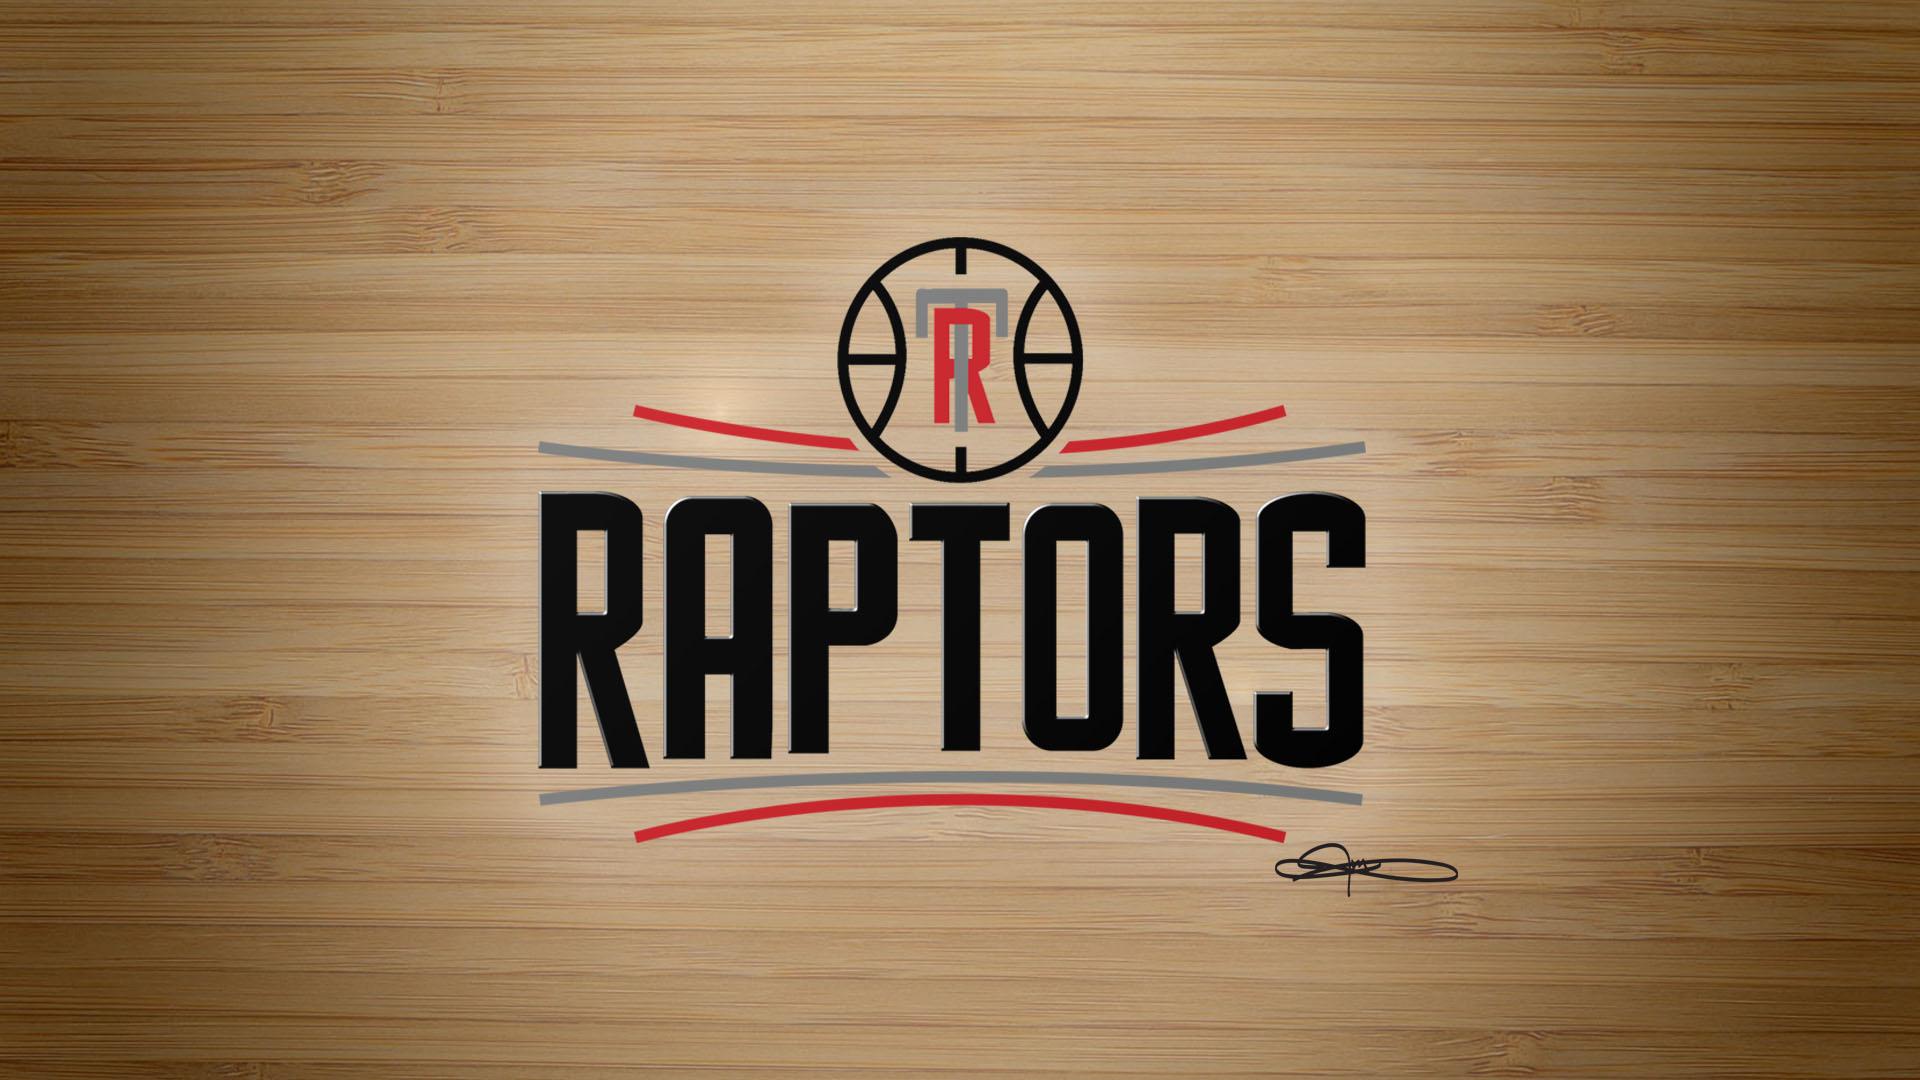 Raptors X Clippers